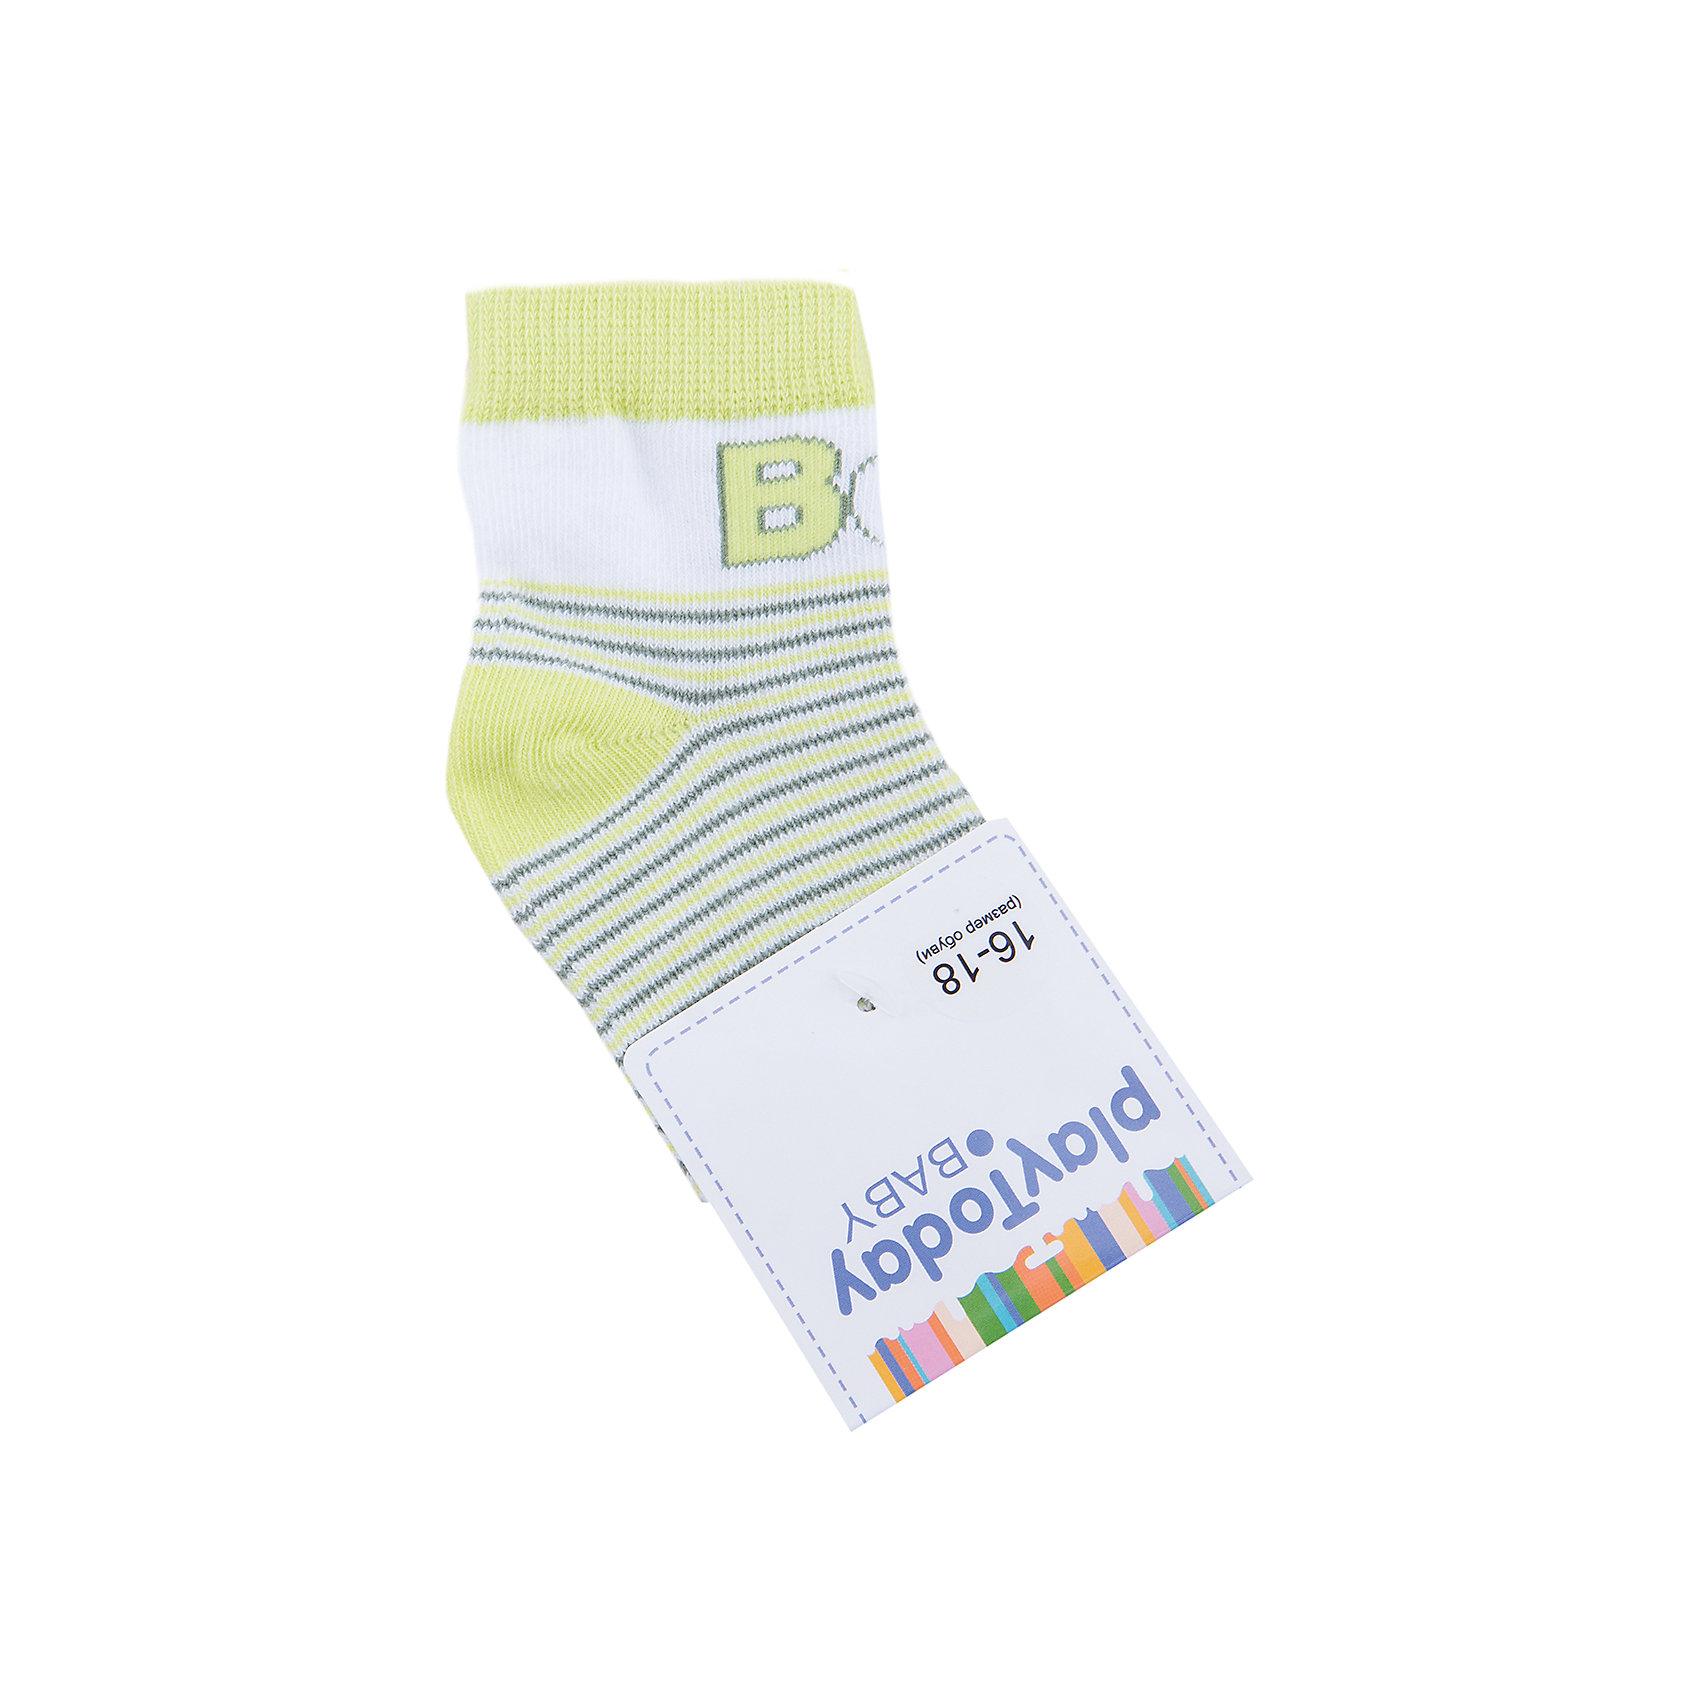 Носки для мальчика PlayTodayНоски для мальчика PlayToday<br>Носки очень мягкие, из качественных материалов, приятны к телу и не сковывают движений. Хорошо пропускают воздух, тем самым позволяя коже дышать.  Даже частые стирки, при условии соблюдений рекомендаций по уходу, не изменят ни форму, ни цвет изделий.Преимущества: Мягкие, выполненные из натуральных материалов, приятны к телу, не сковывают движенийХорошо пропускают воздух, позволяя тем самым коже дышатьДаже частые стирки, при условии соблюдений рекомендаций по уходу, не изменят ни форму, ни цвет изделия<br>Состав:<br>75% хлопок, 22% нейлон, 3% эластан<br><br>Ширина мм: 87<br>Глубина мм: 10<br>Высота мм: 105<br>Вес г: 115<br>Цвет: разноцветный<br>Возраст от месяцев: 12<br>Возраст до месяцев: 24<br>Пол: Мужской<br>Возраст: Детский<br>Размер: 12,11<br>SKU: 5407926